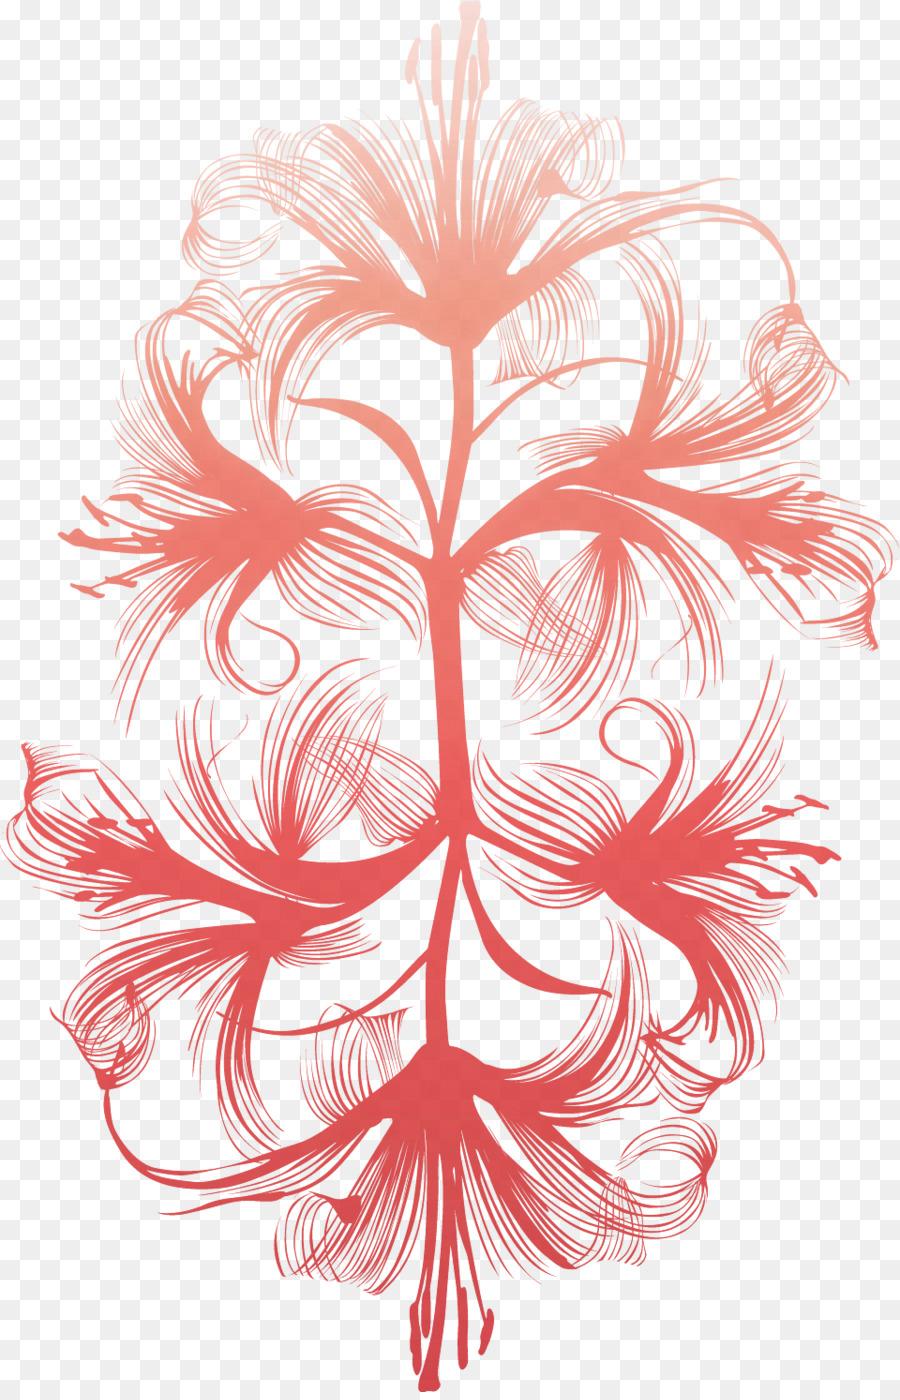 Descarga gratuita de Dibujo, Araña Roja Lily, Animación Imágen de Png